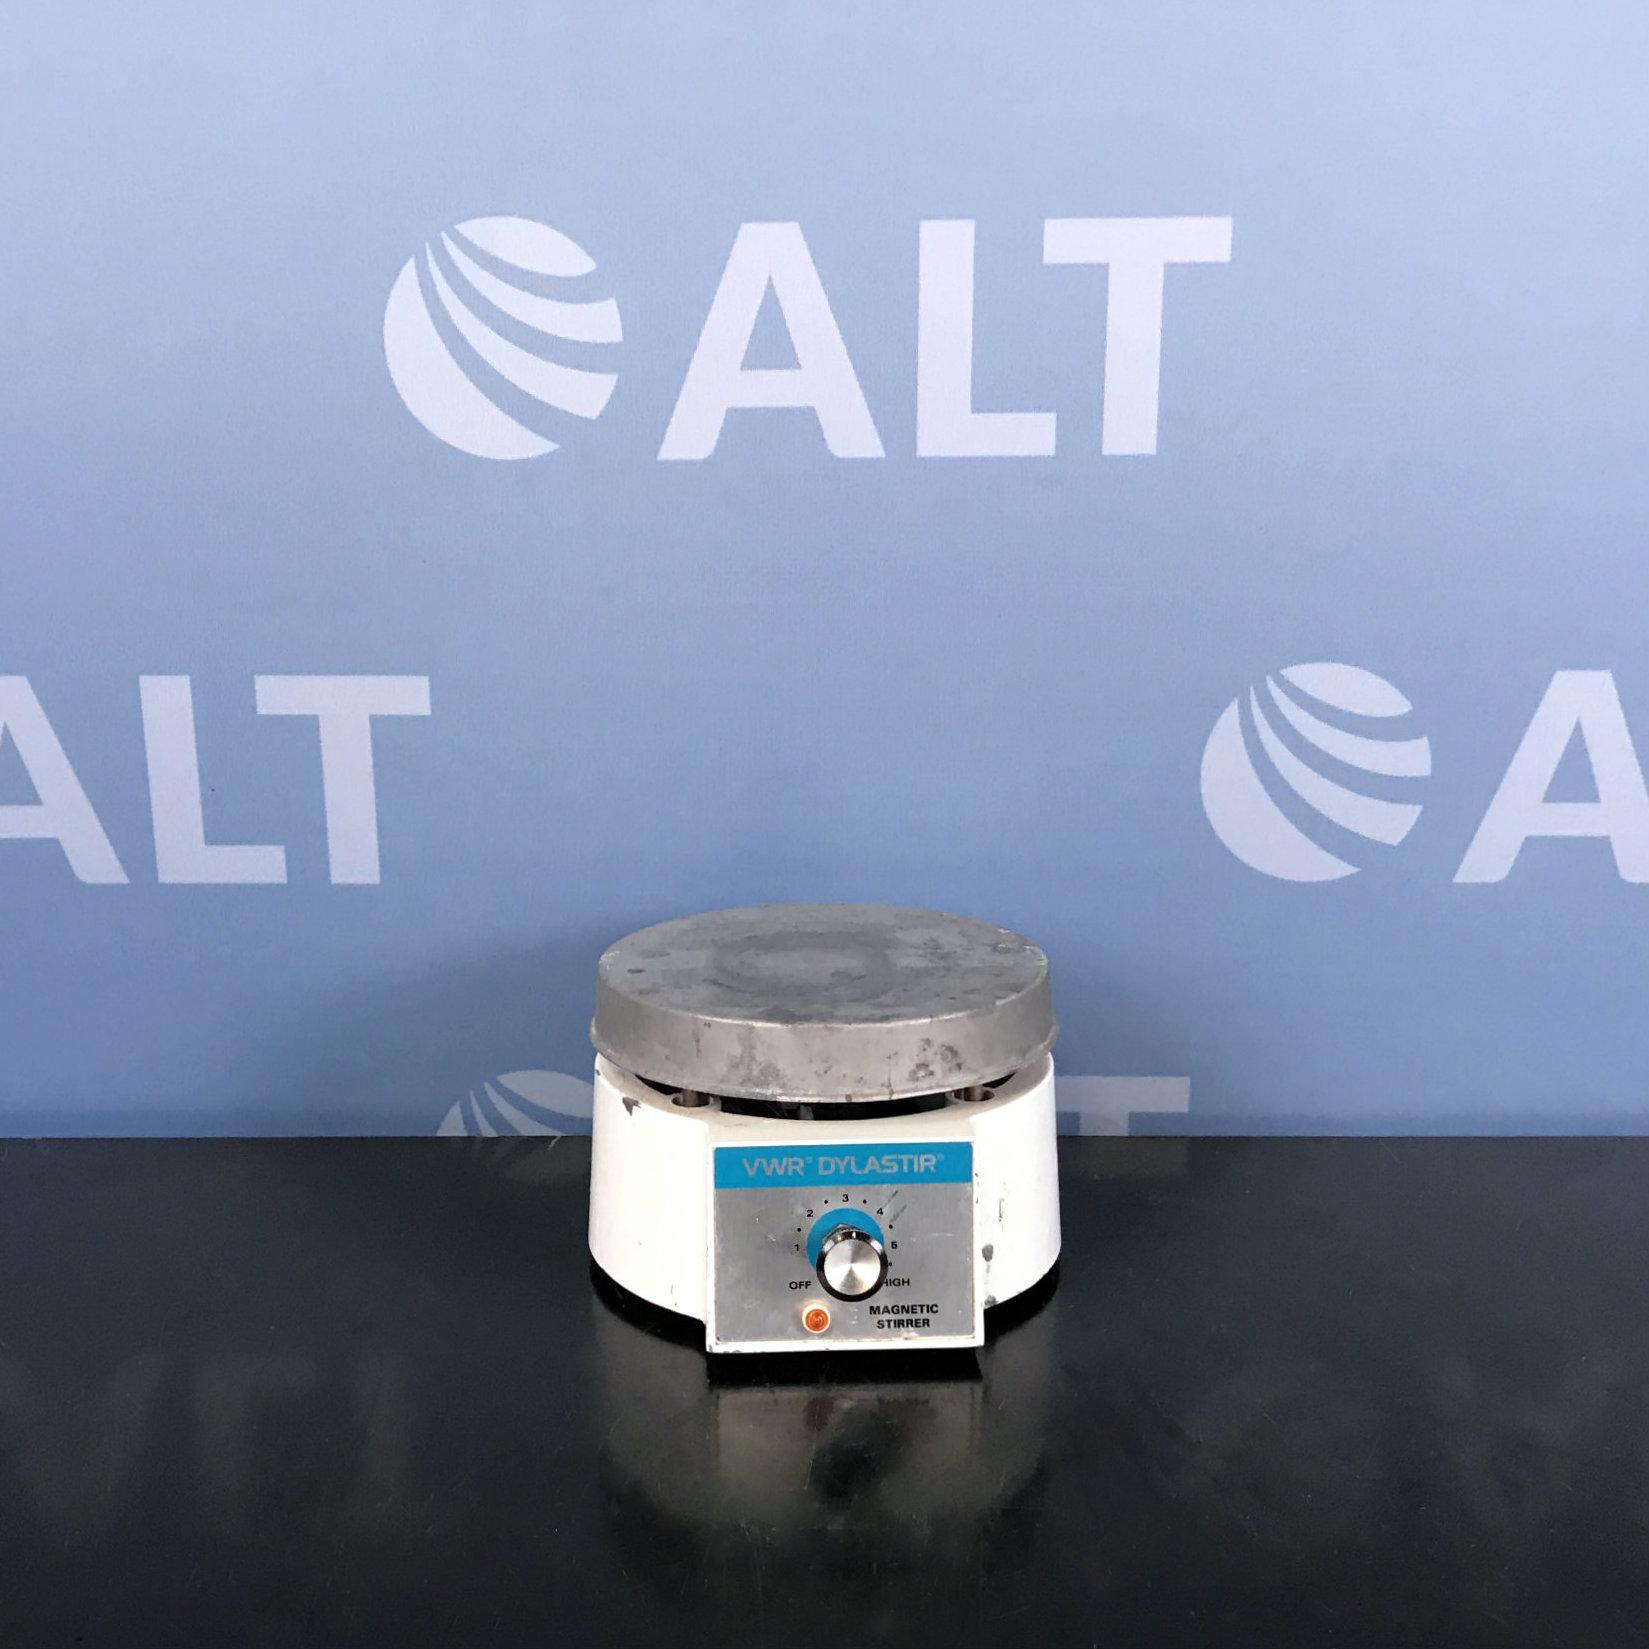 VWR Dylastir 58935-250 Magnetic Stirrer Image